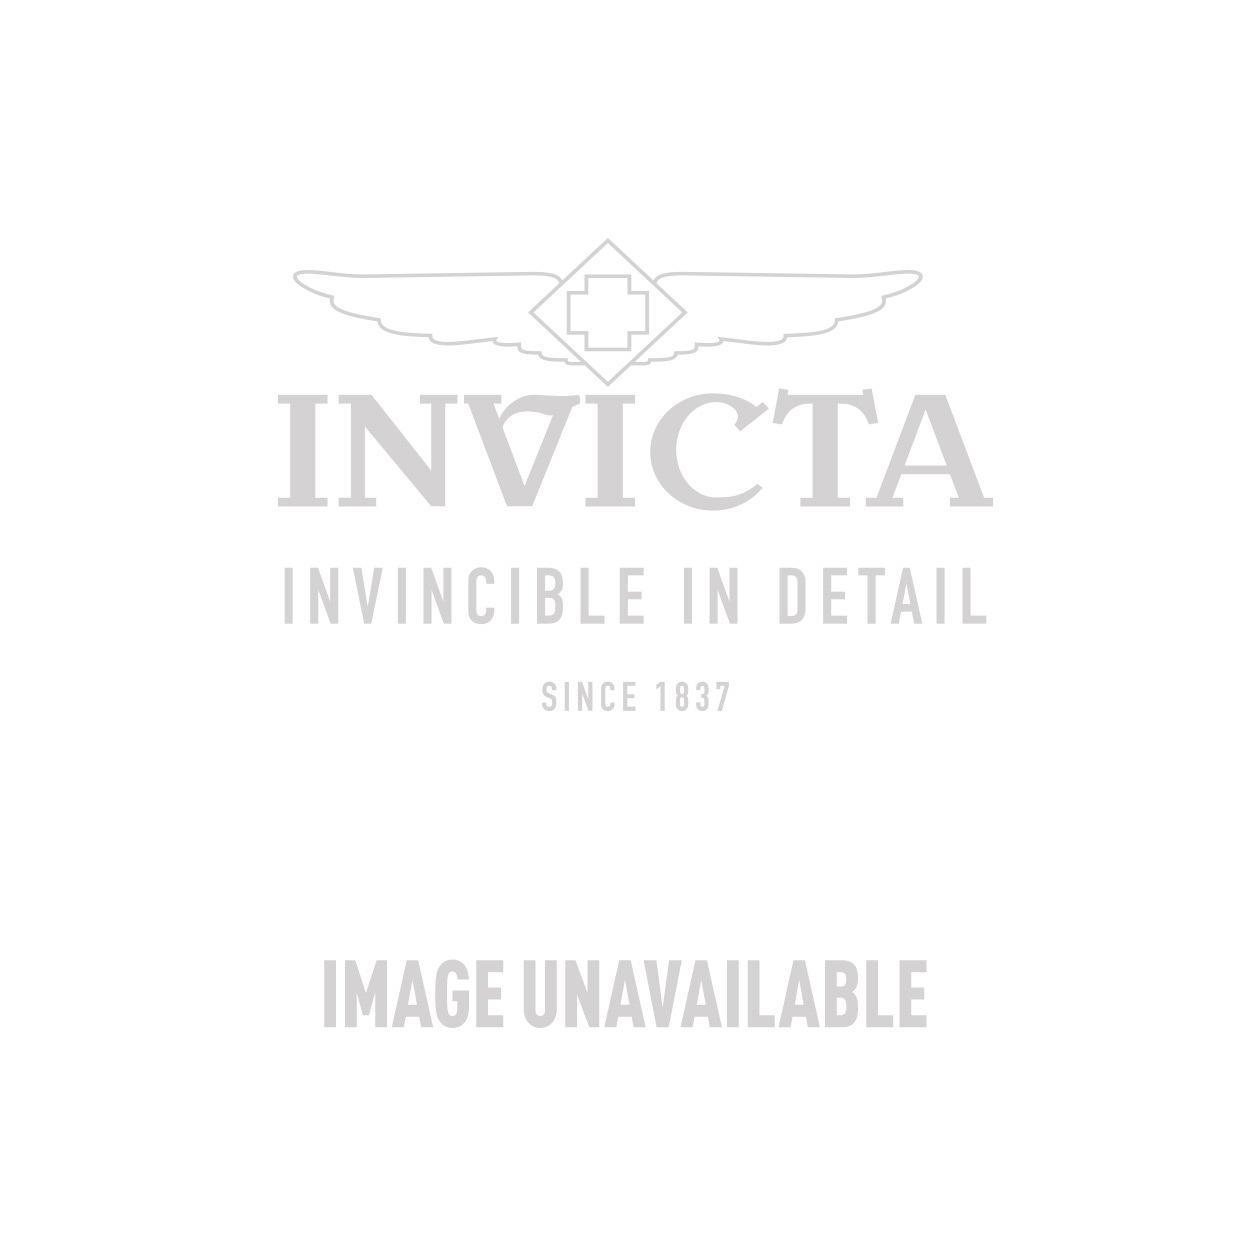 Invicta Model 27081